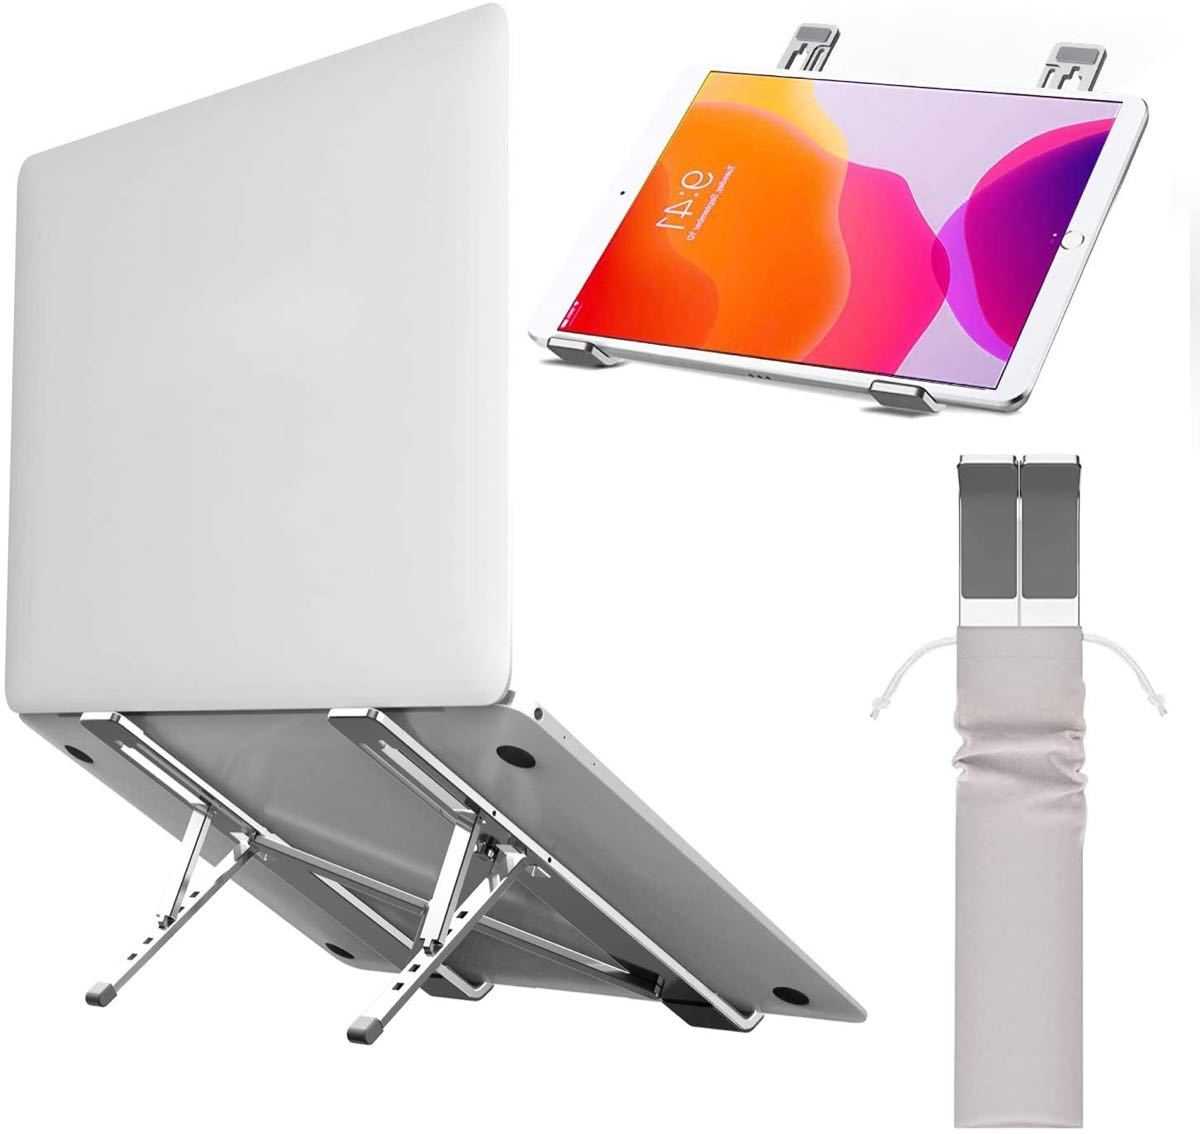 ノートパソコンスタンド 折り畳み式 アルミ製 超軽量215g 5段階調整可能